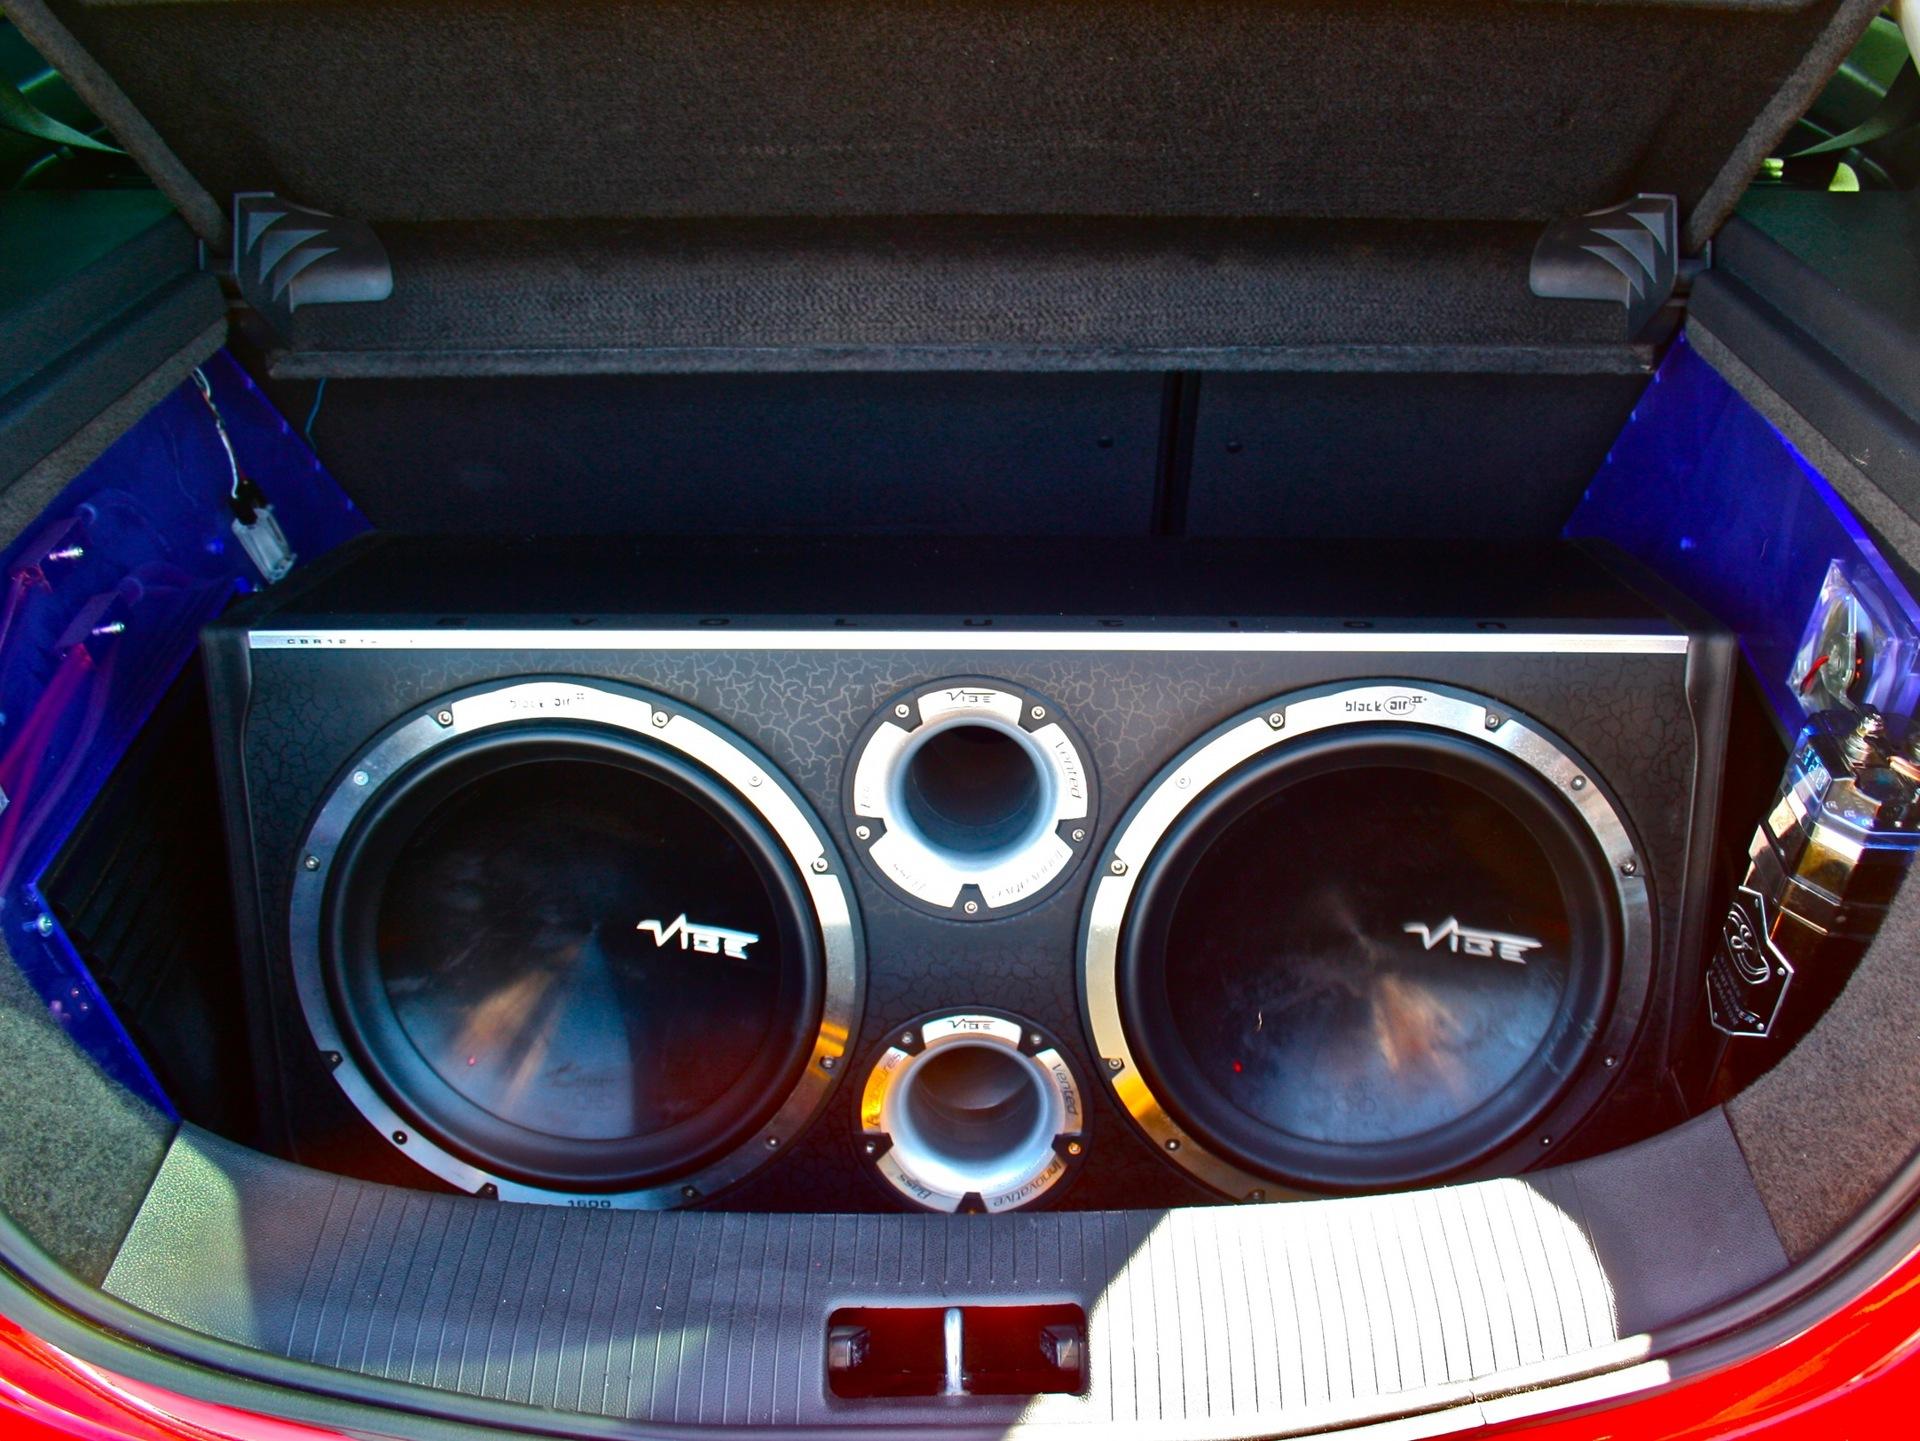 Музыка в машину 2 16 скачать бесплатно, слушать